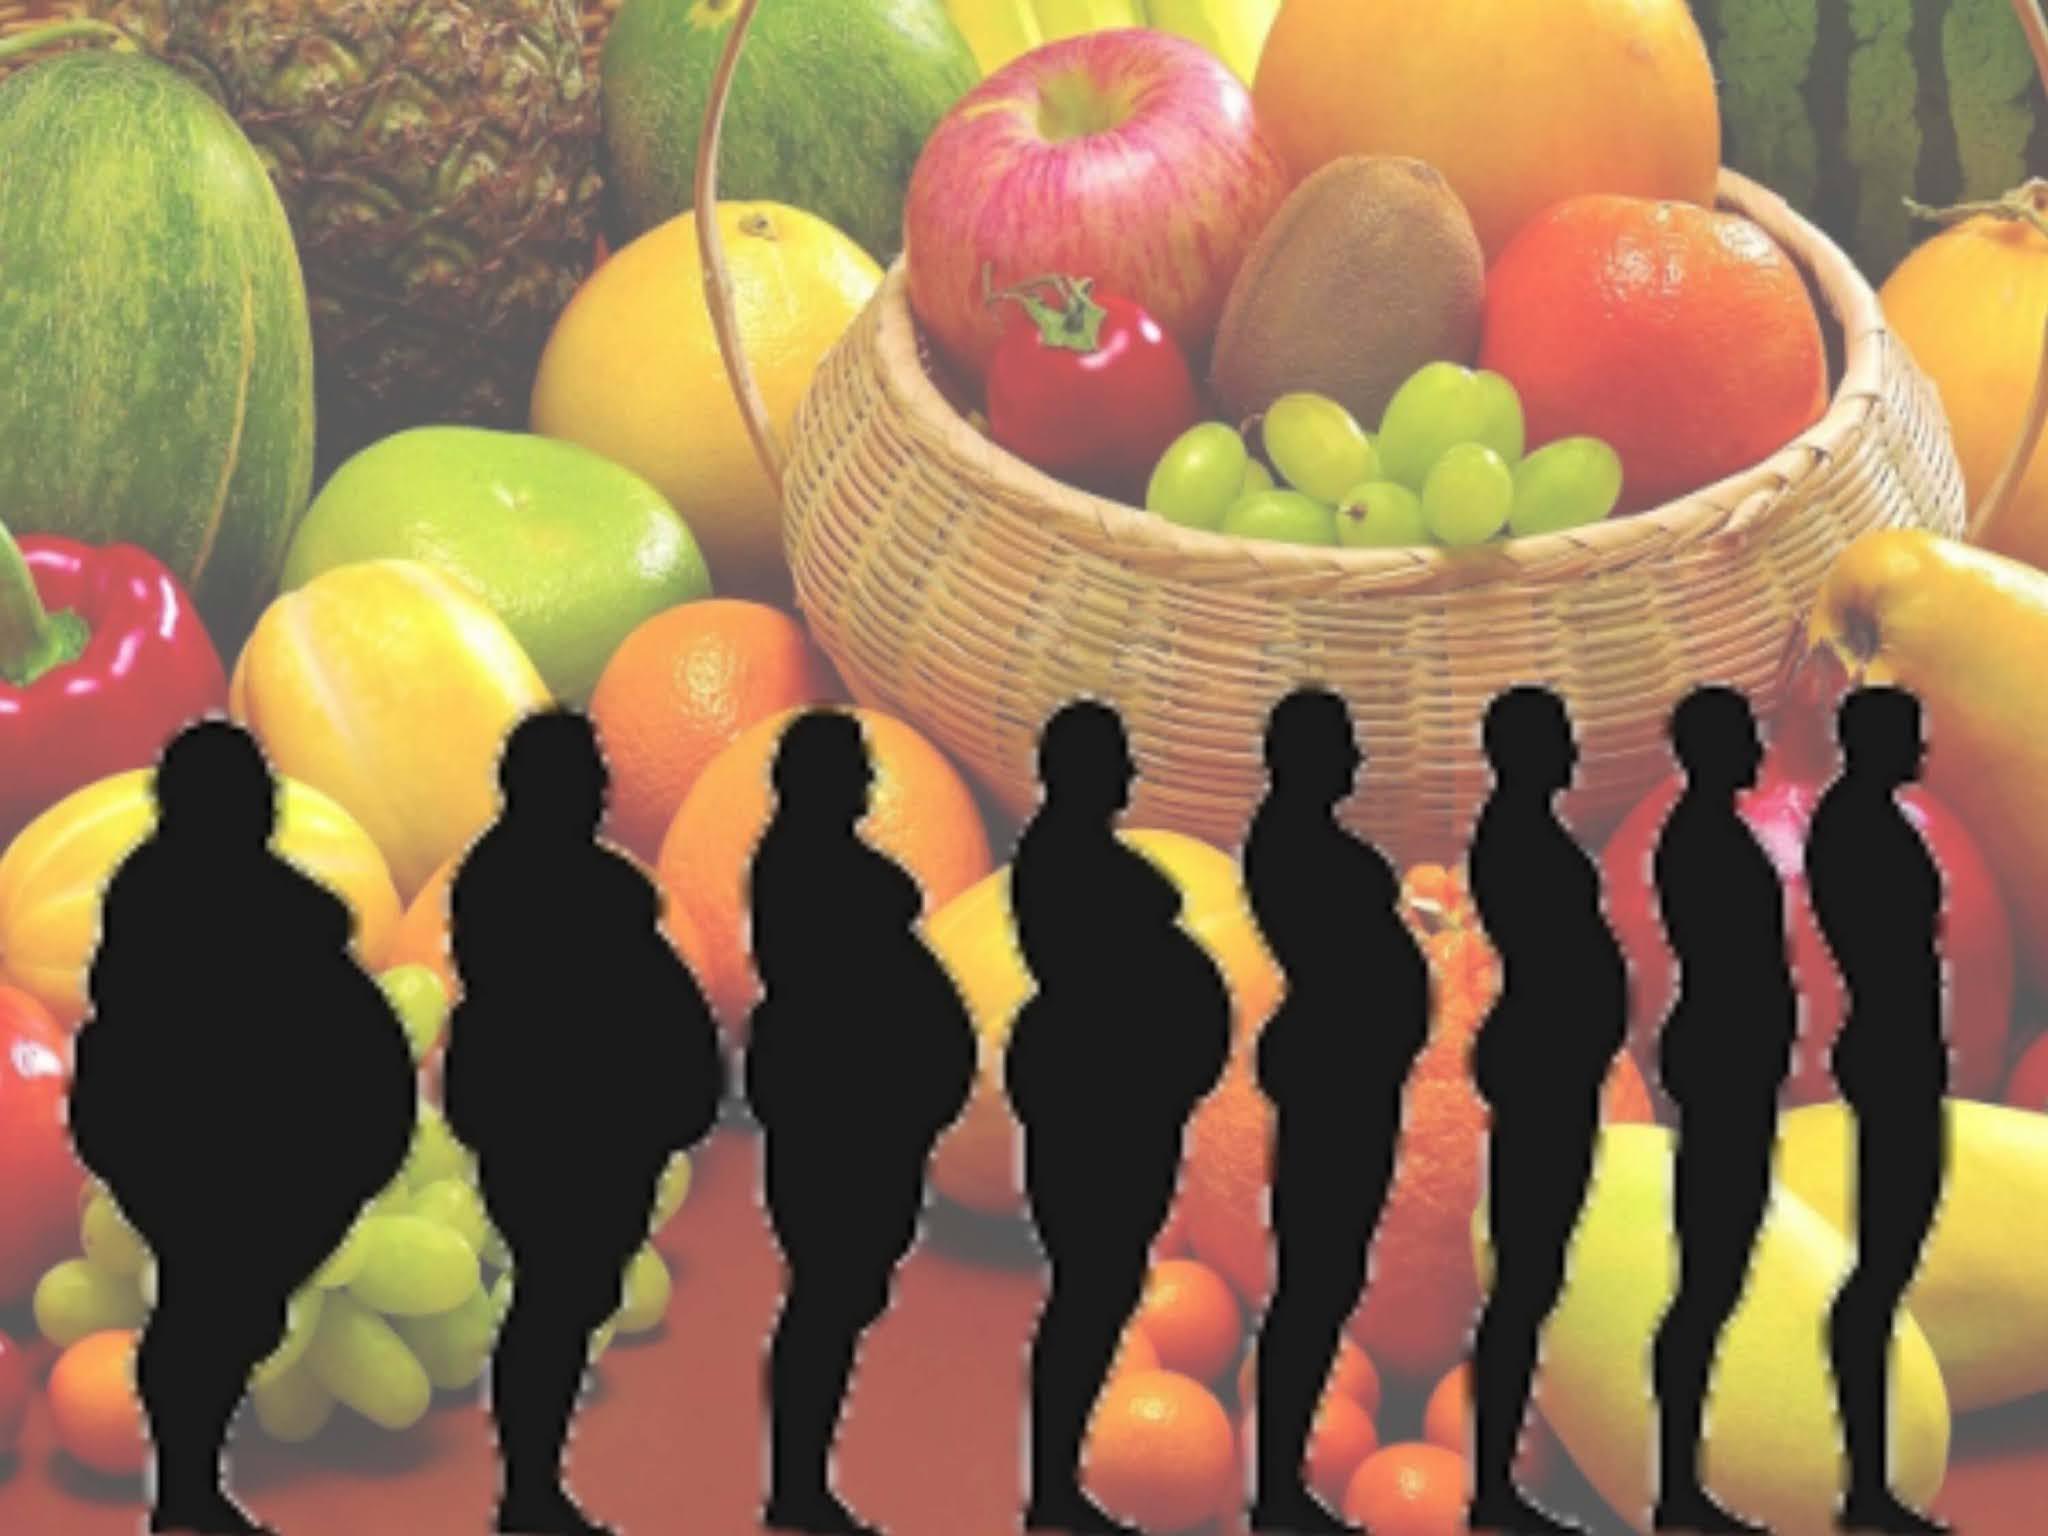 وصفات حرق الدهون والتنحيف من الخضار والفواكه الطبيعية